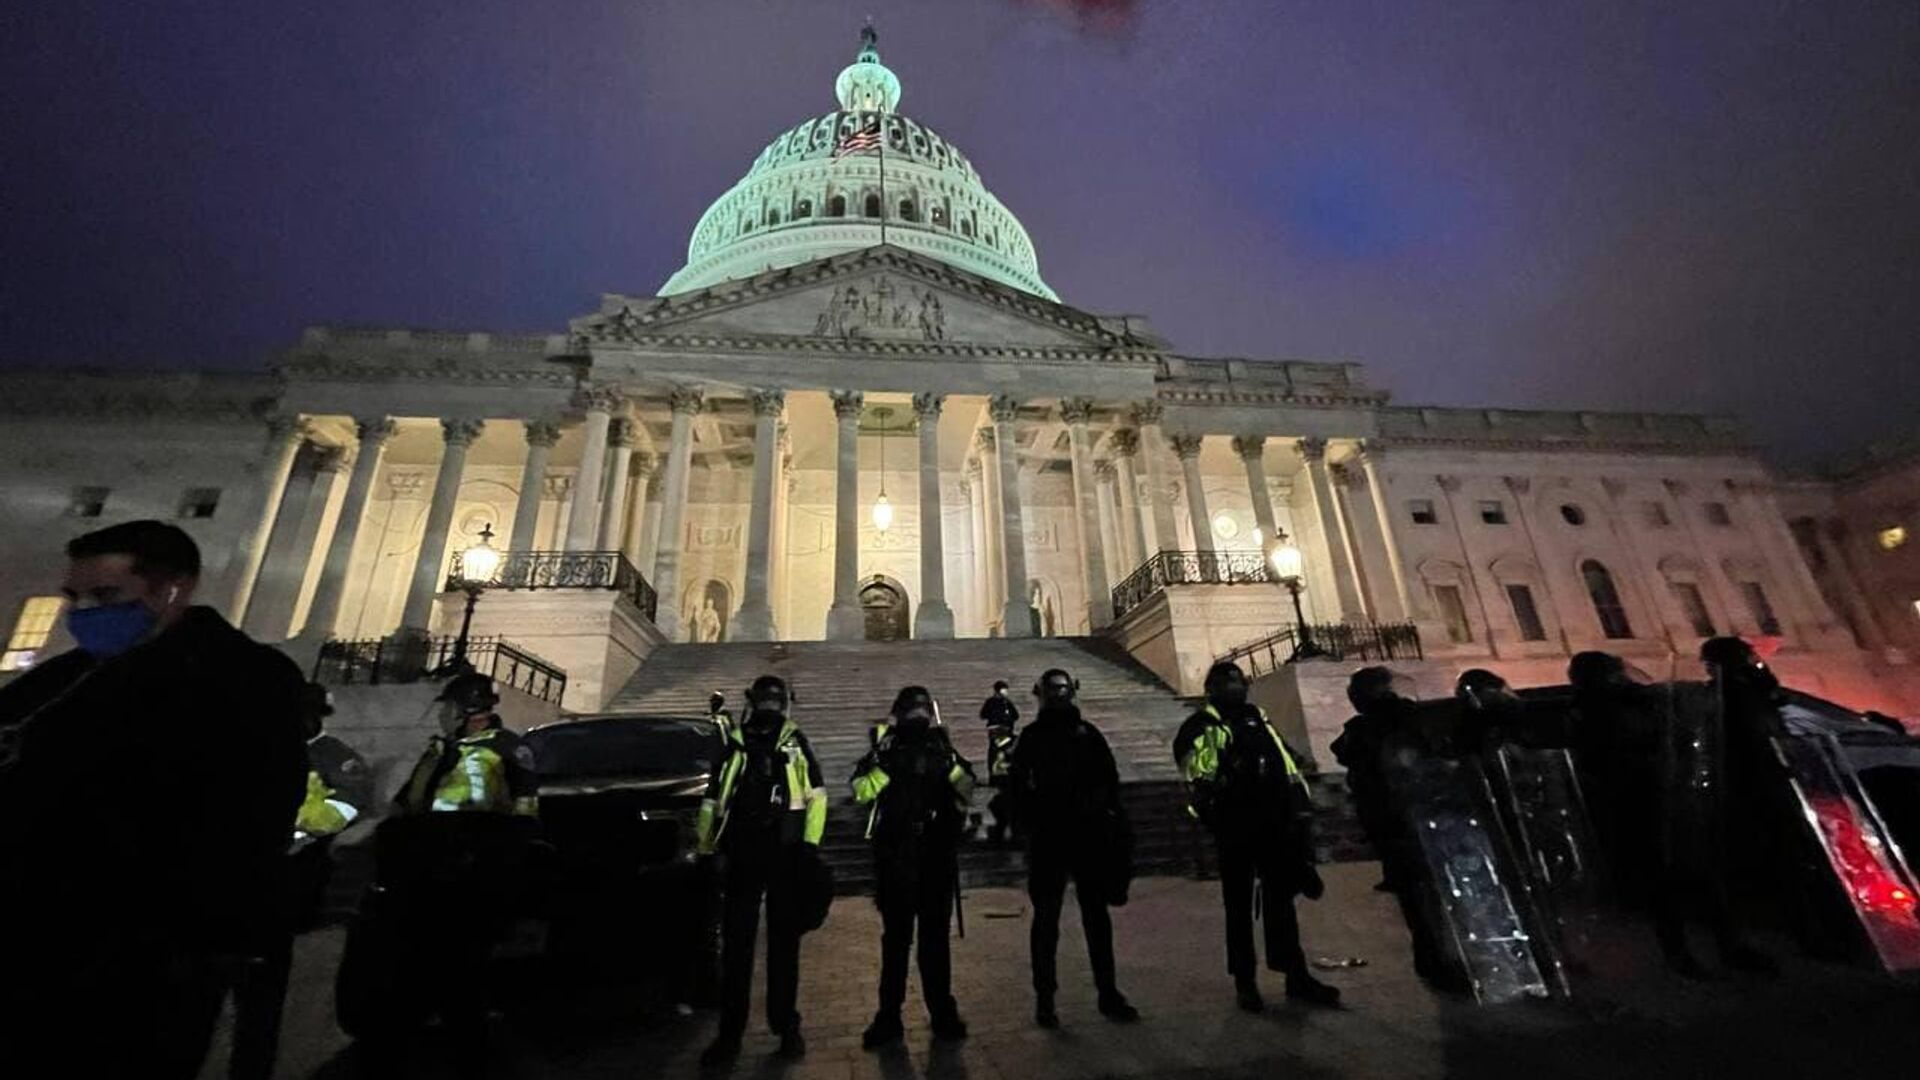 Полиция у здания Капитолия в Вашингтоне - РИА Новости, 1920, 07.01.2021